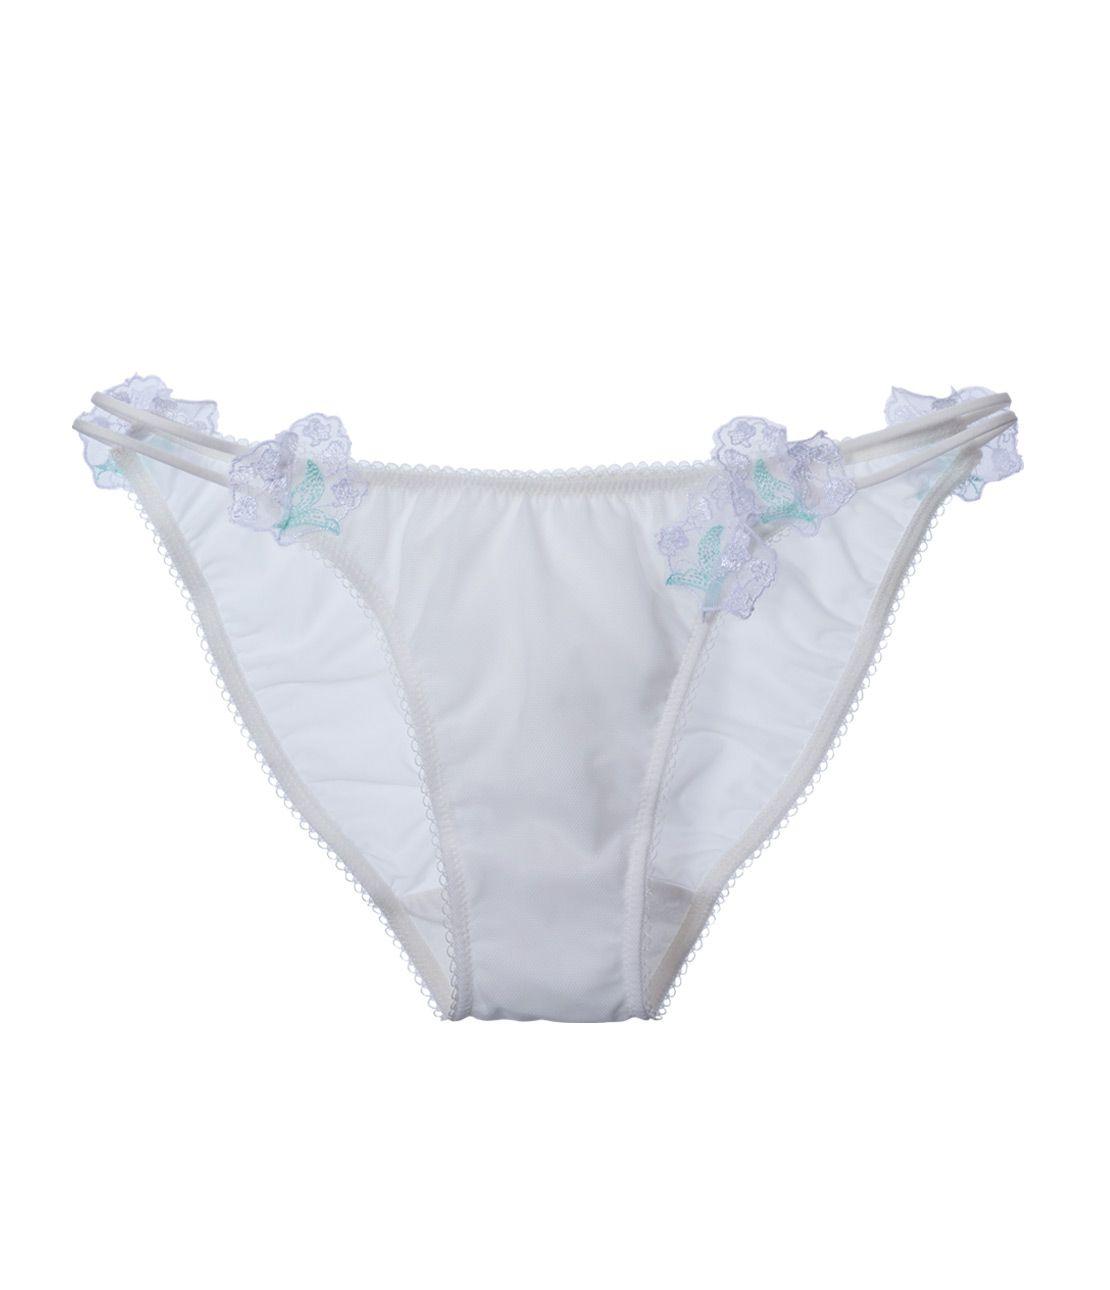 Flower panties